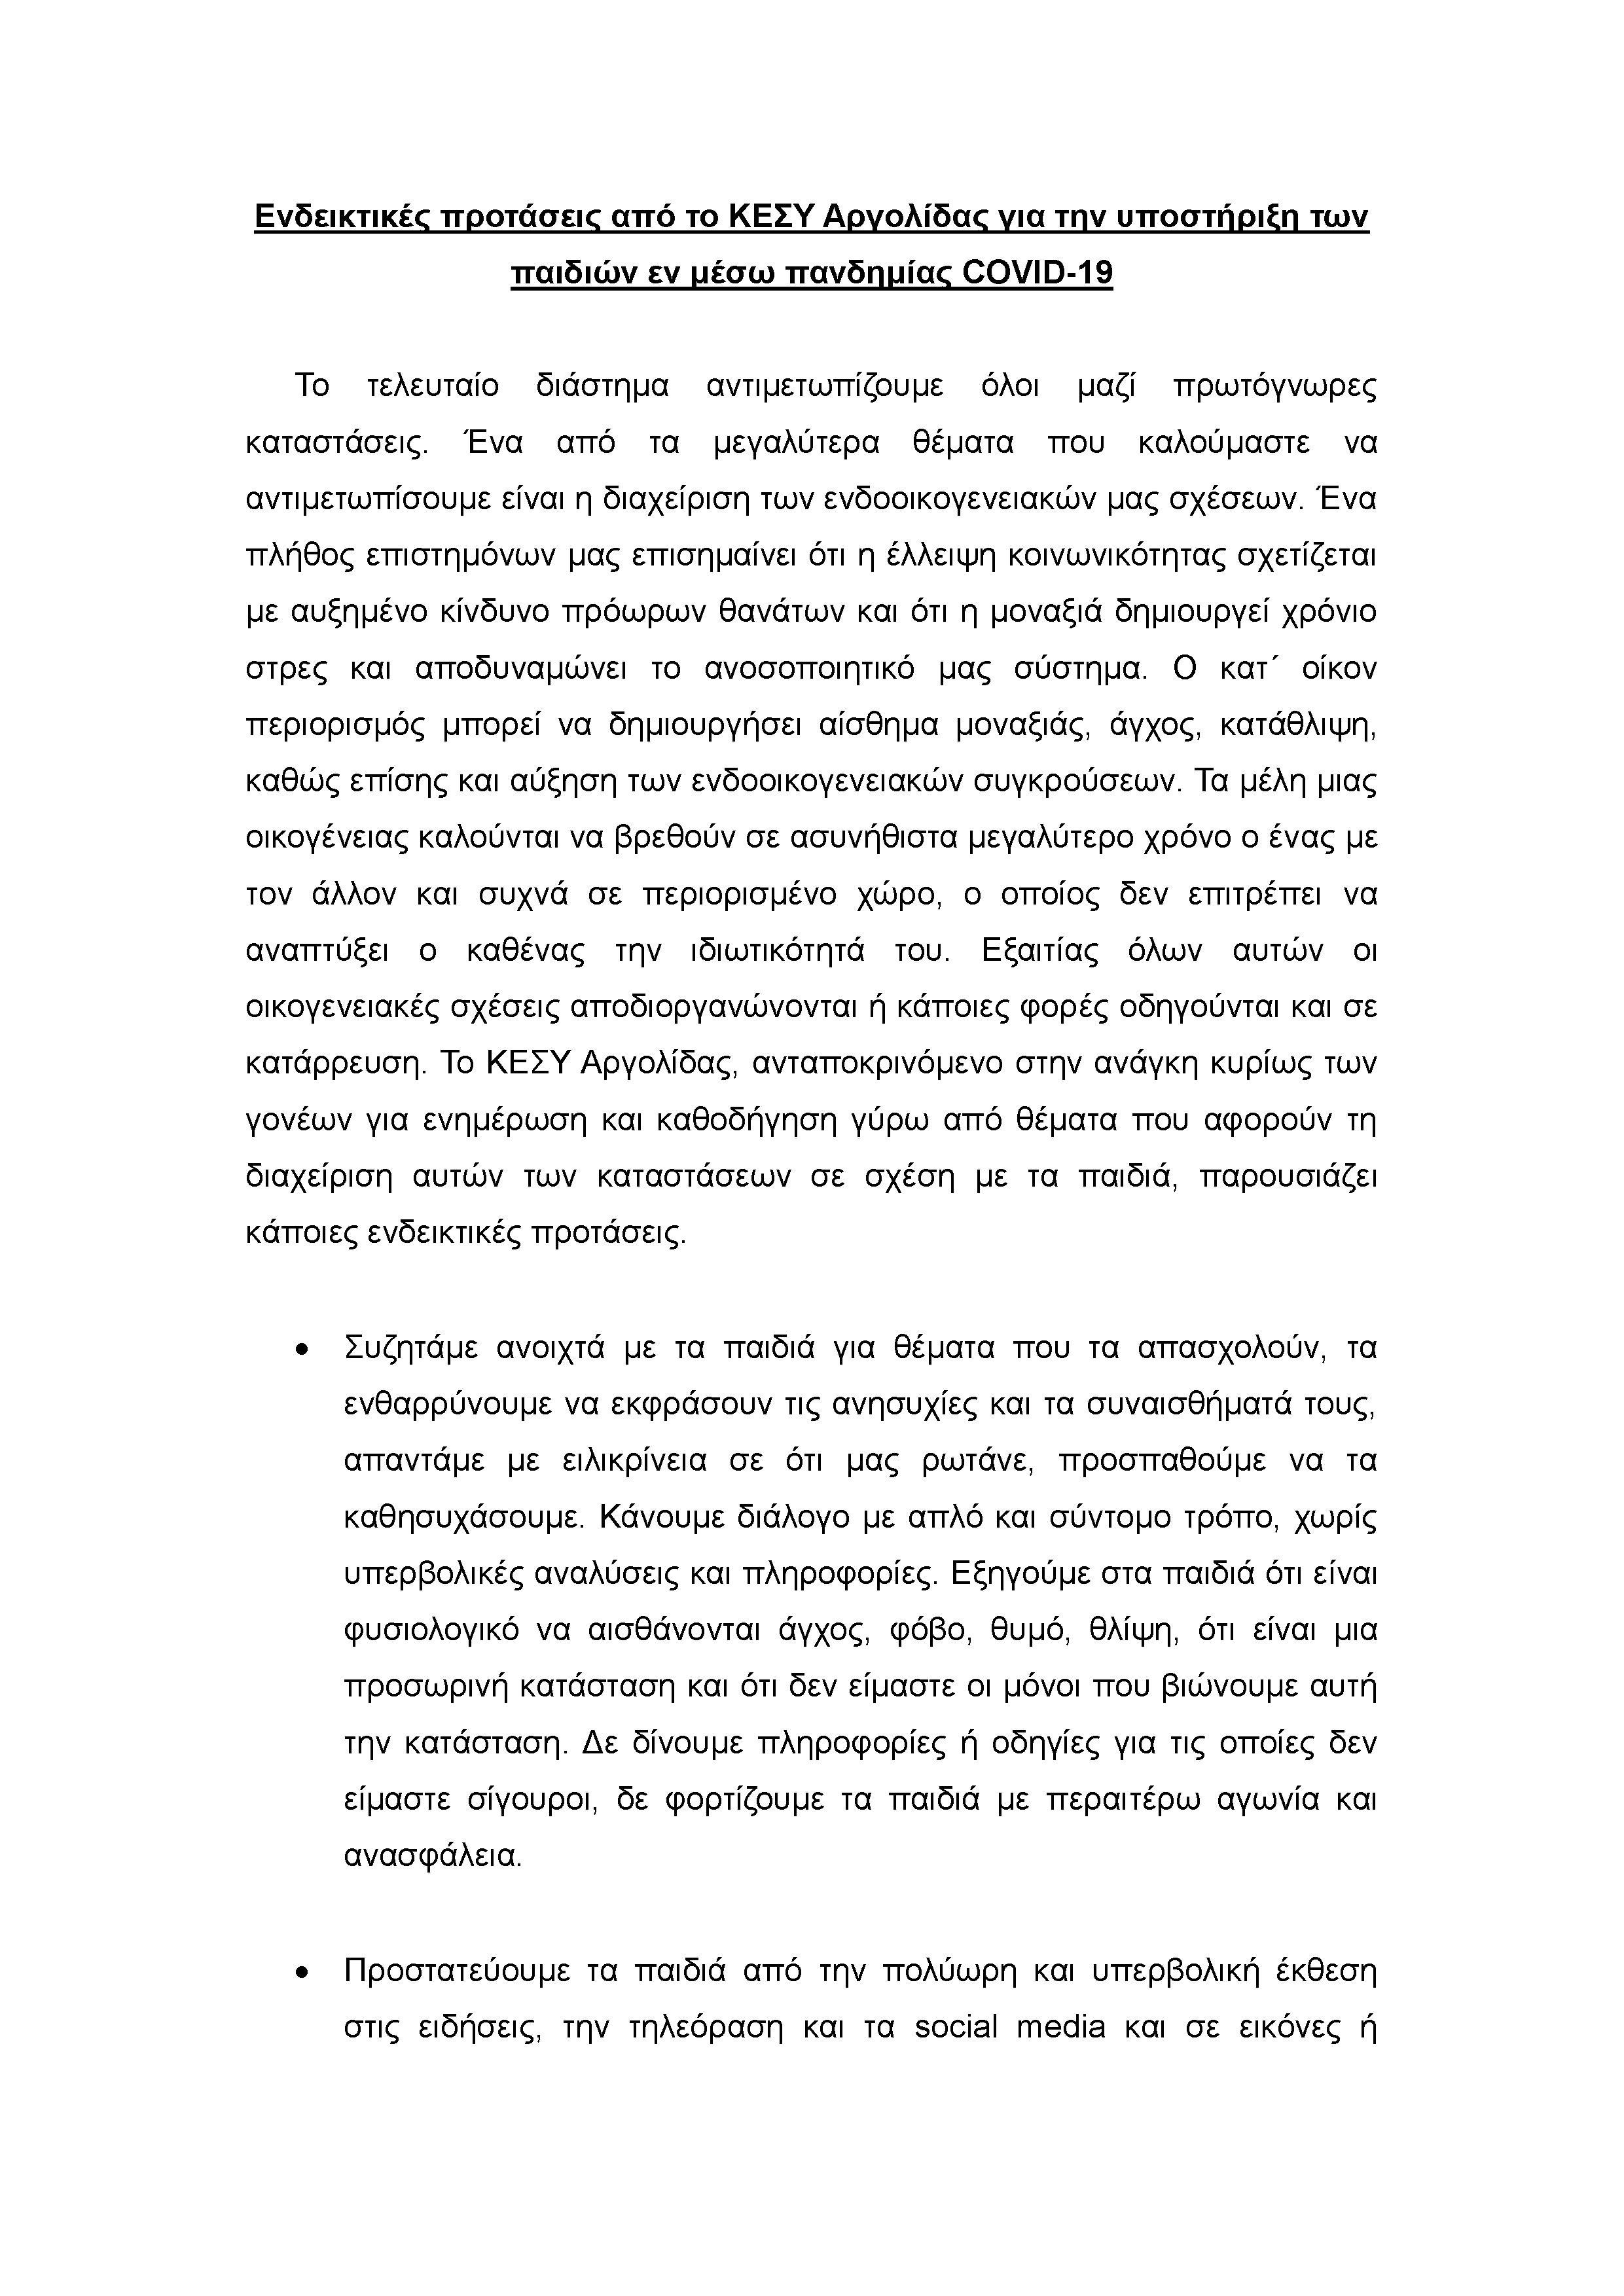 Ενδεικτικές-προτάσεις-από-το-ΚΕΣΥ-Αργολίδας-για-την-υποστήριξη-των-παιδιών-εν-μέσω-πανδημίας-COVID-19